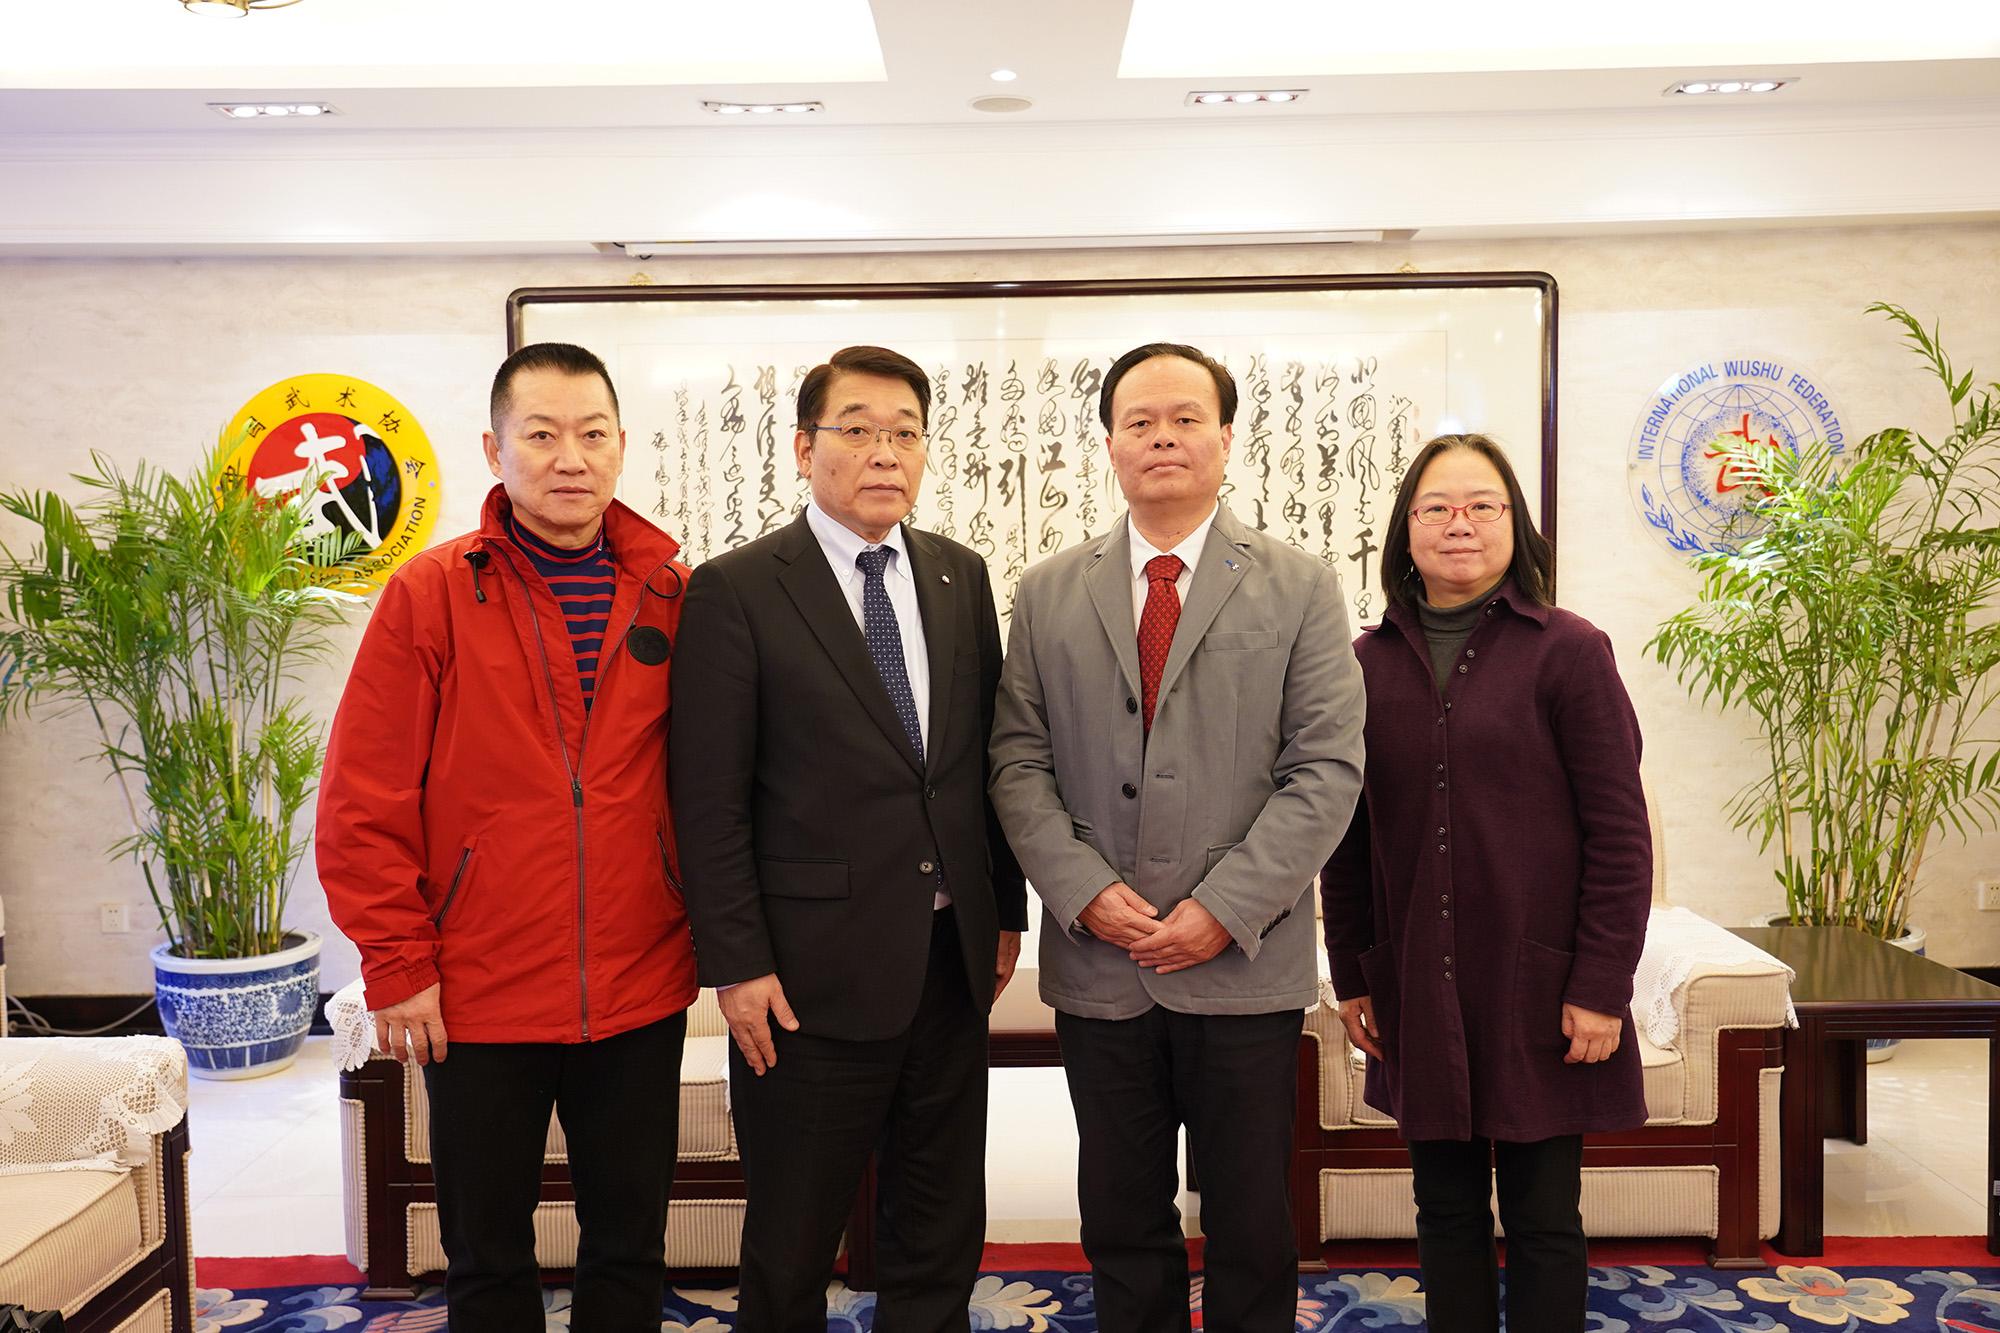 陳恩堂副主席(写真右から2番目)らと